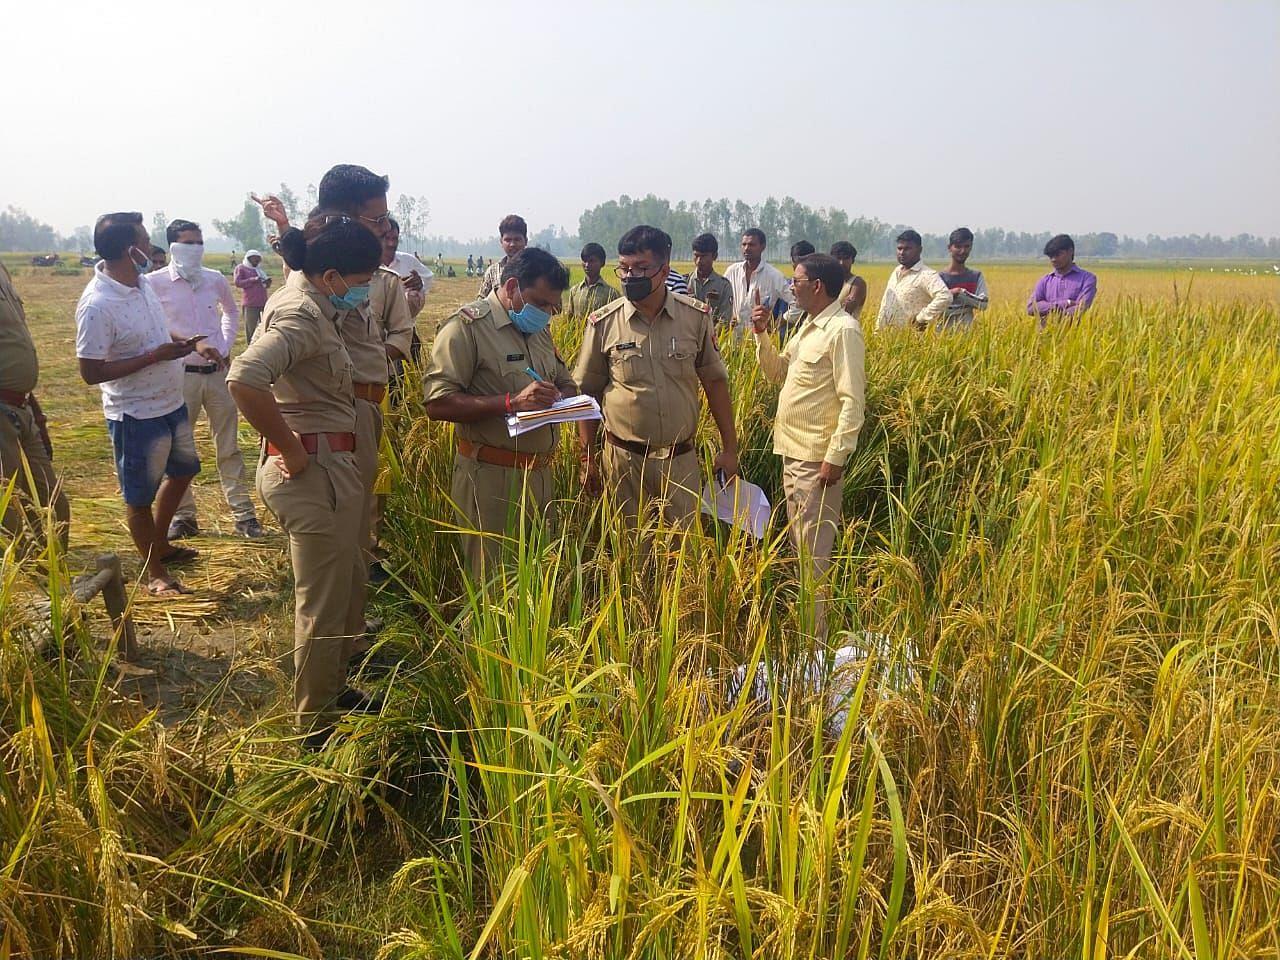 संग्रामगढ़ थाना क्षेत्र के आमीपुर गांव के पास धान के खेत में शव मिलने की जानकारी पर पहुंची पुलिस।